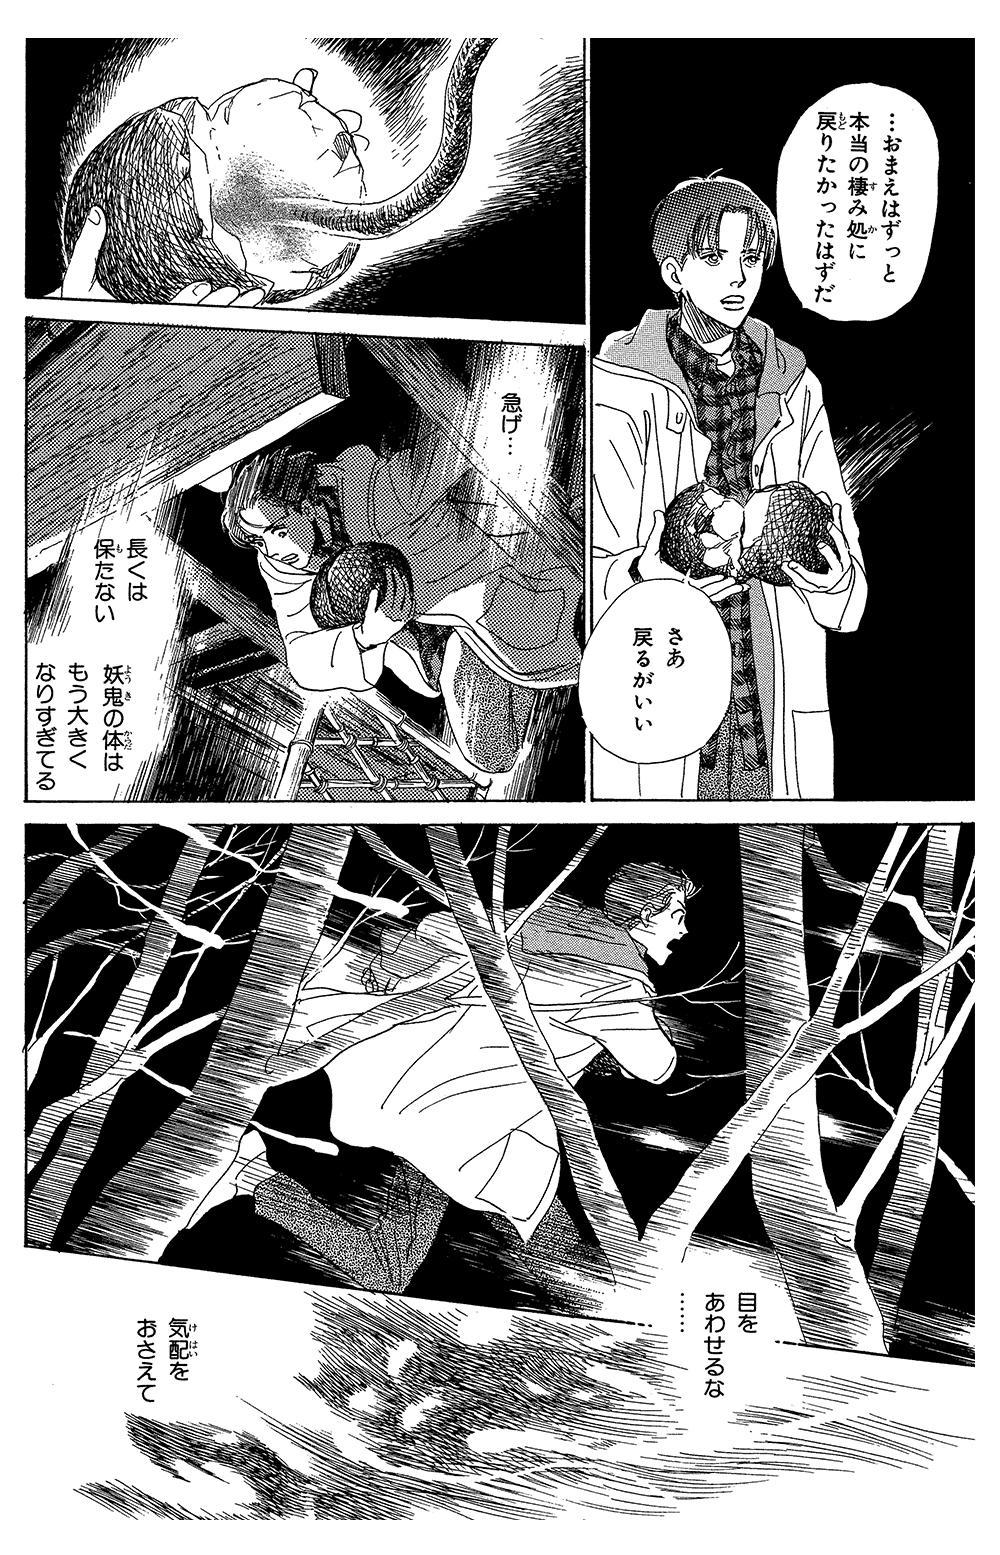 百鬼夜行抄 第1話「闇からの呼び声」⑤hyakki1-5-7.jpg